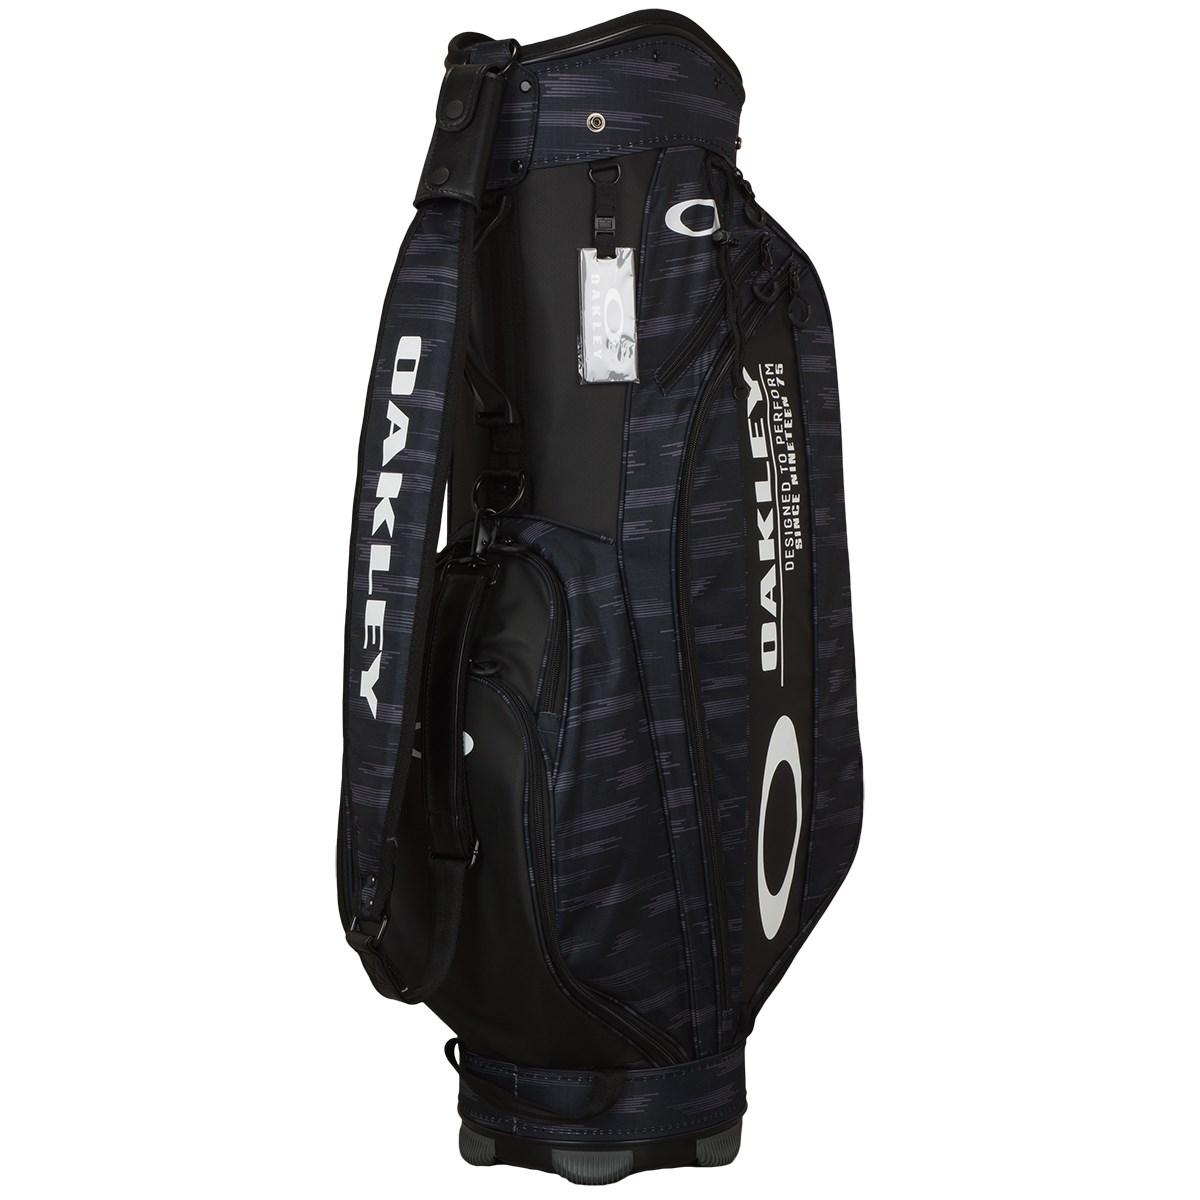 オークリー OAKLEY BG ゴルフ 13.0 キャディバッグ ブラックプリント 00G